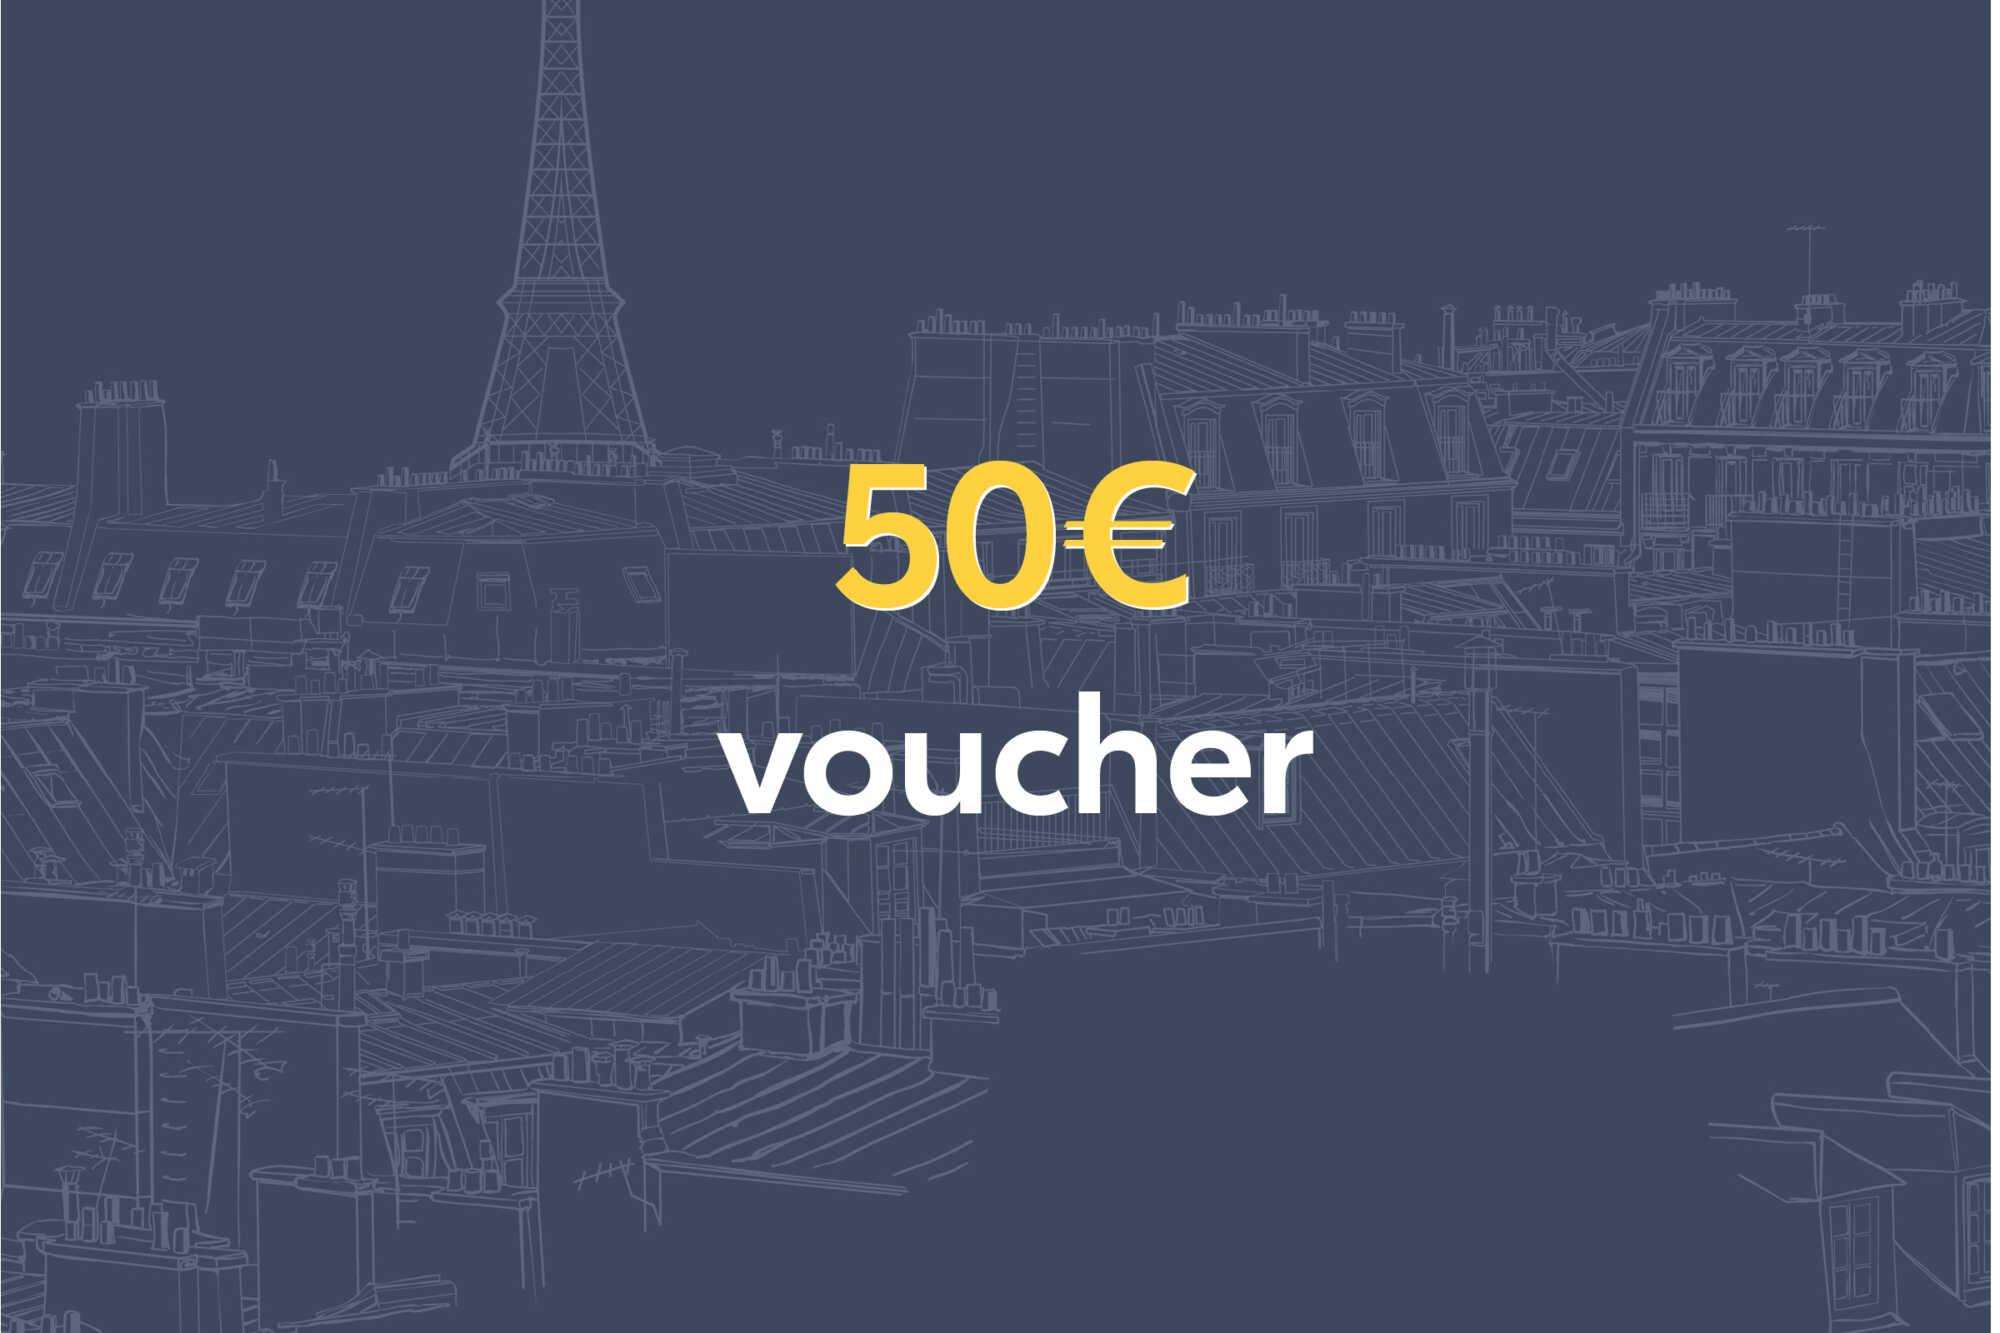 TheWaysBeyond - Voucher 50€